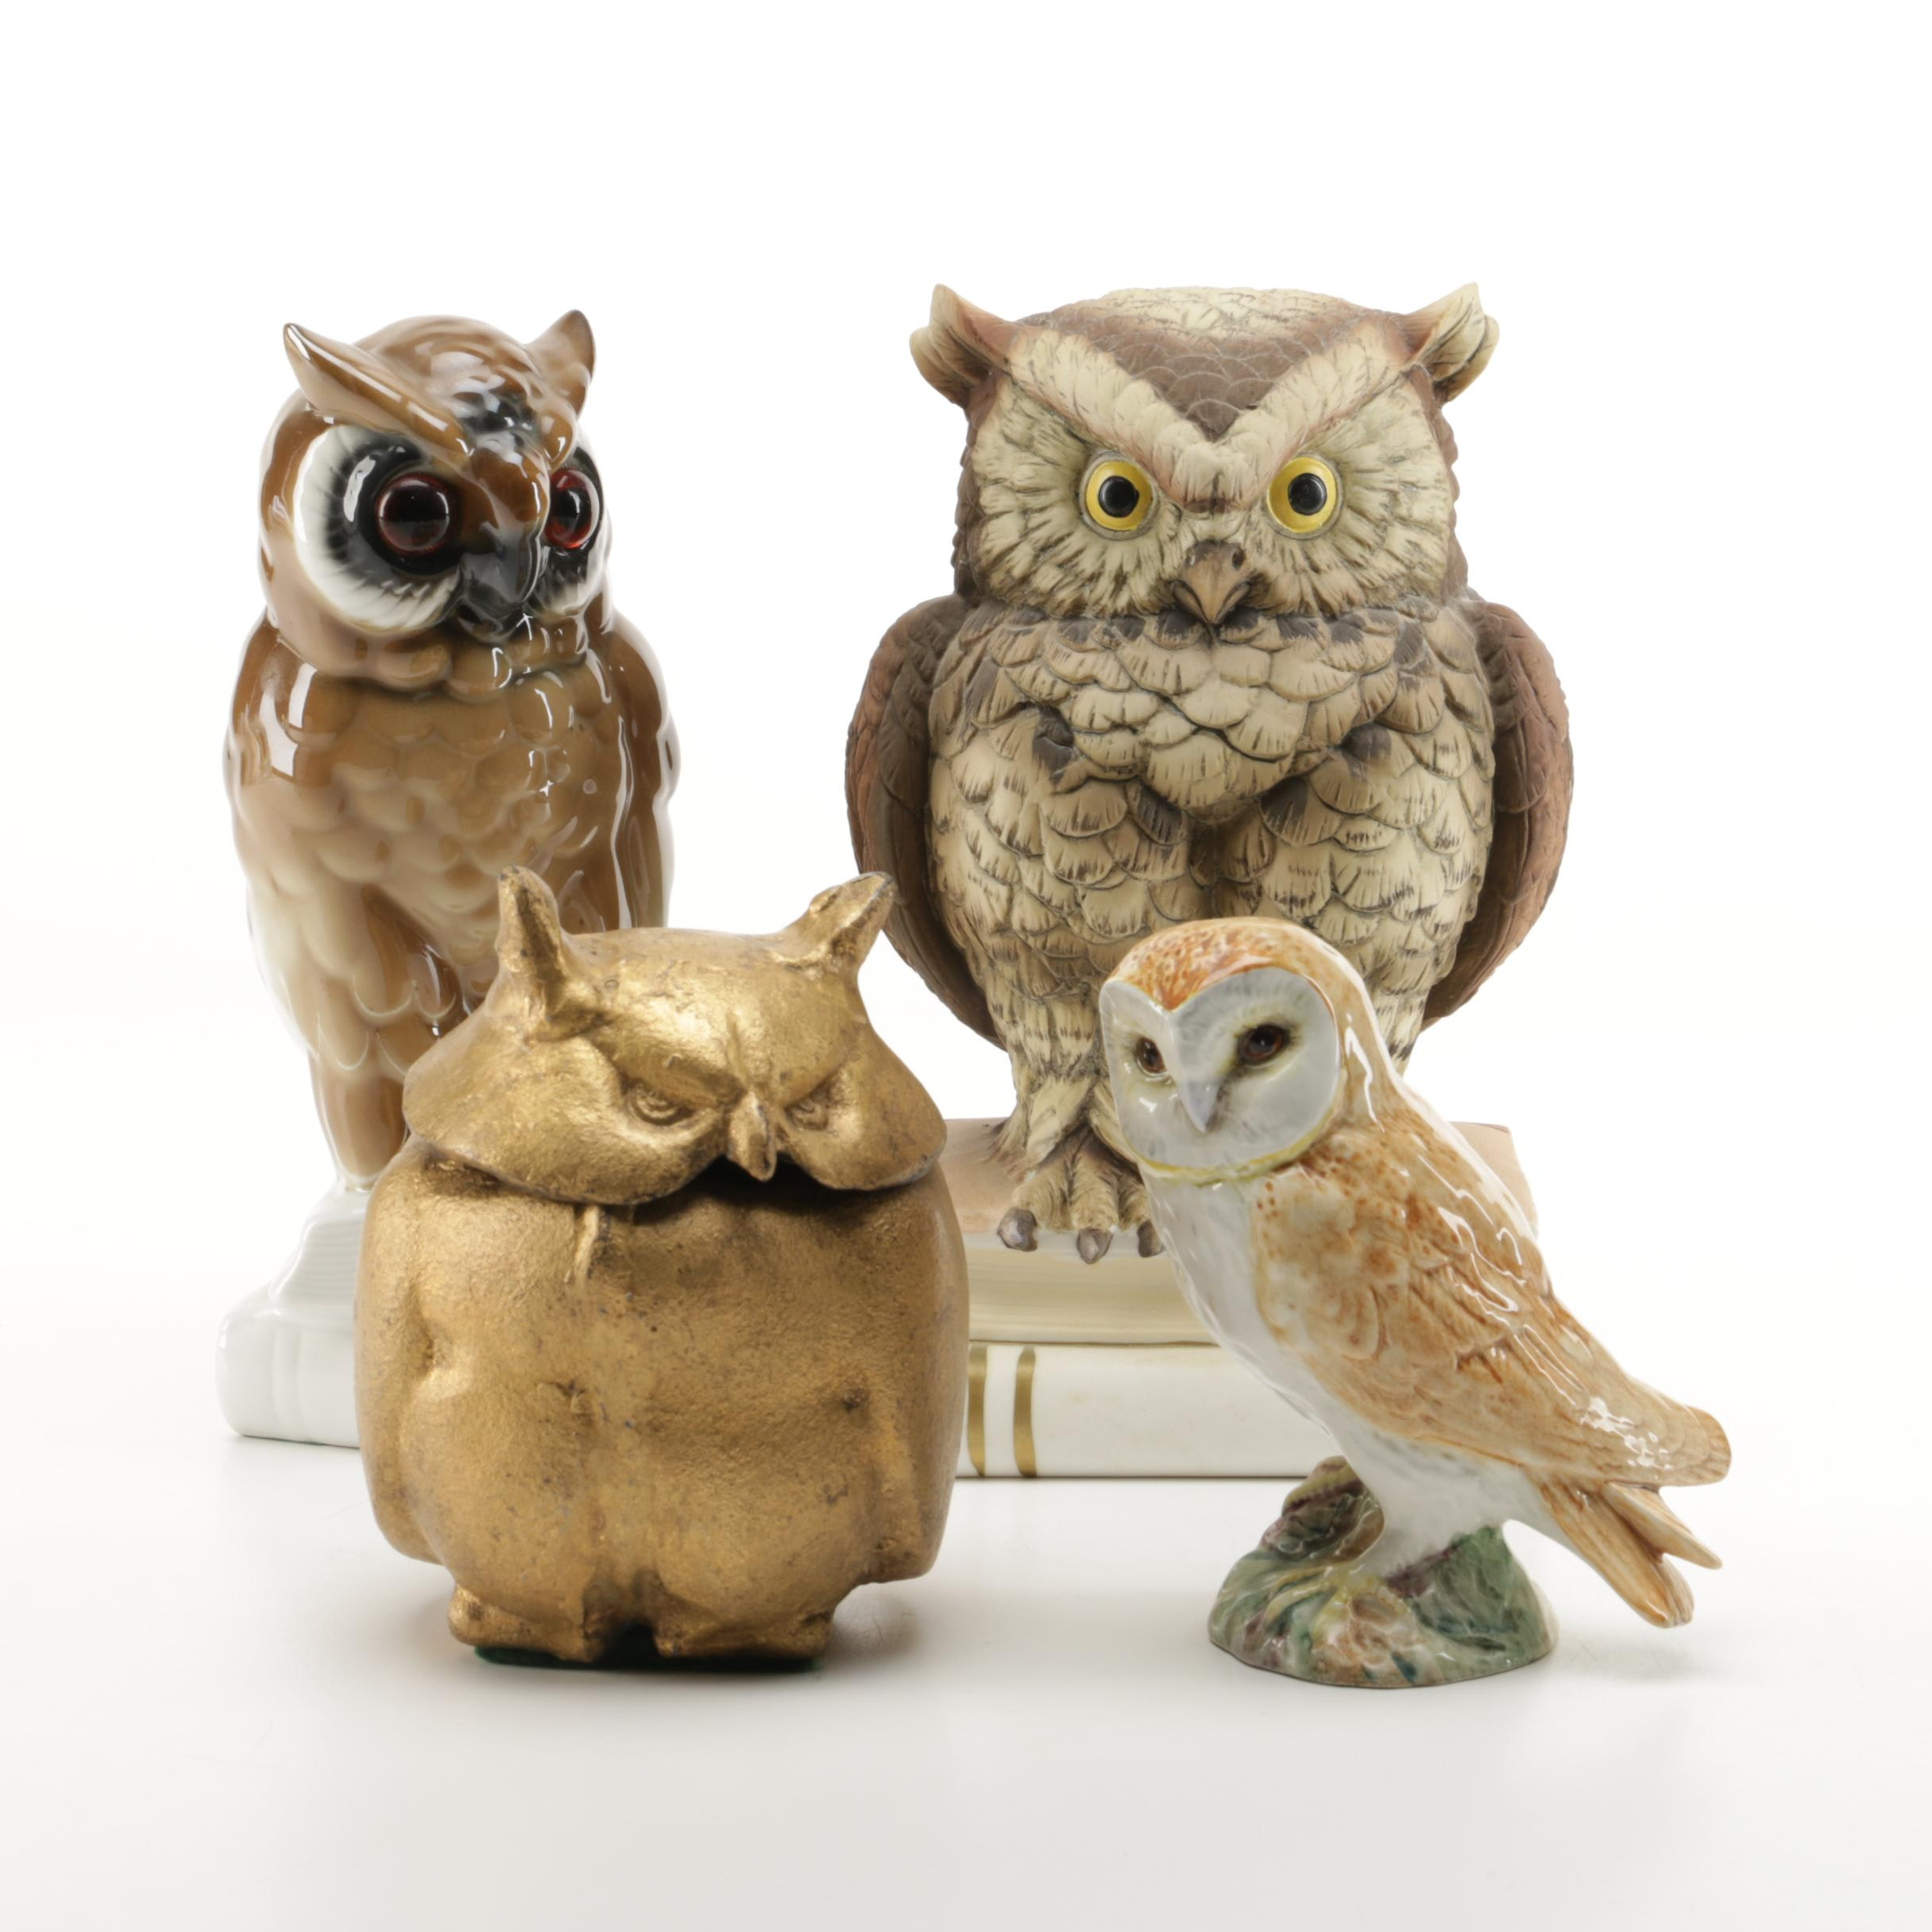 Ceramic Owl Figurines